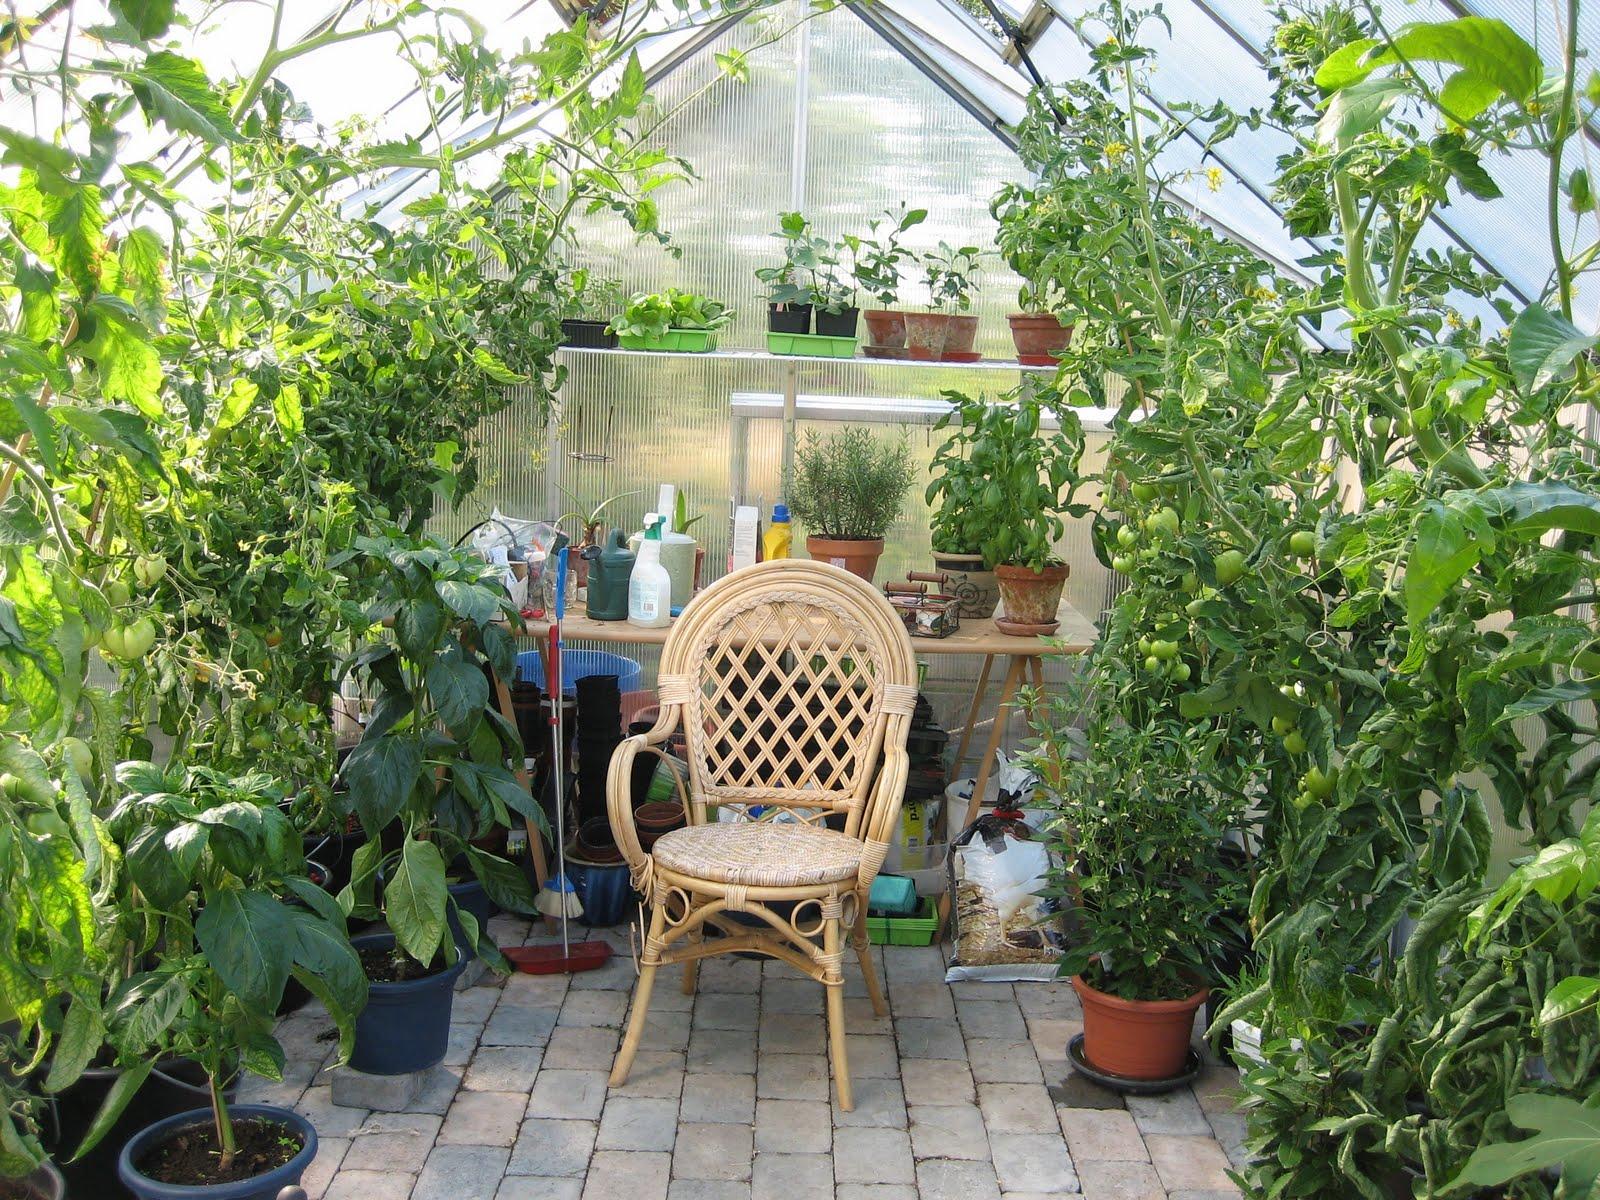 Växthus Odla : Mat och odla då var jag igång